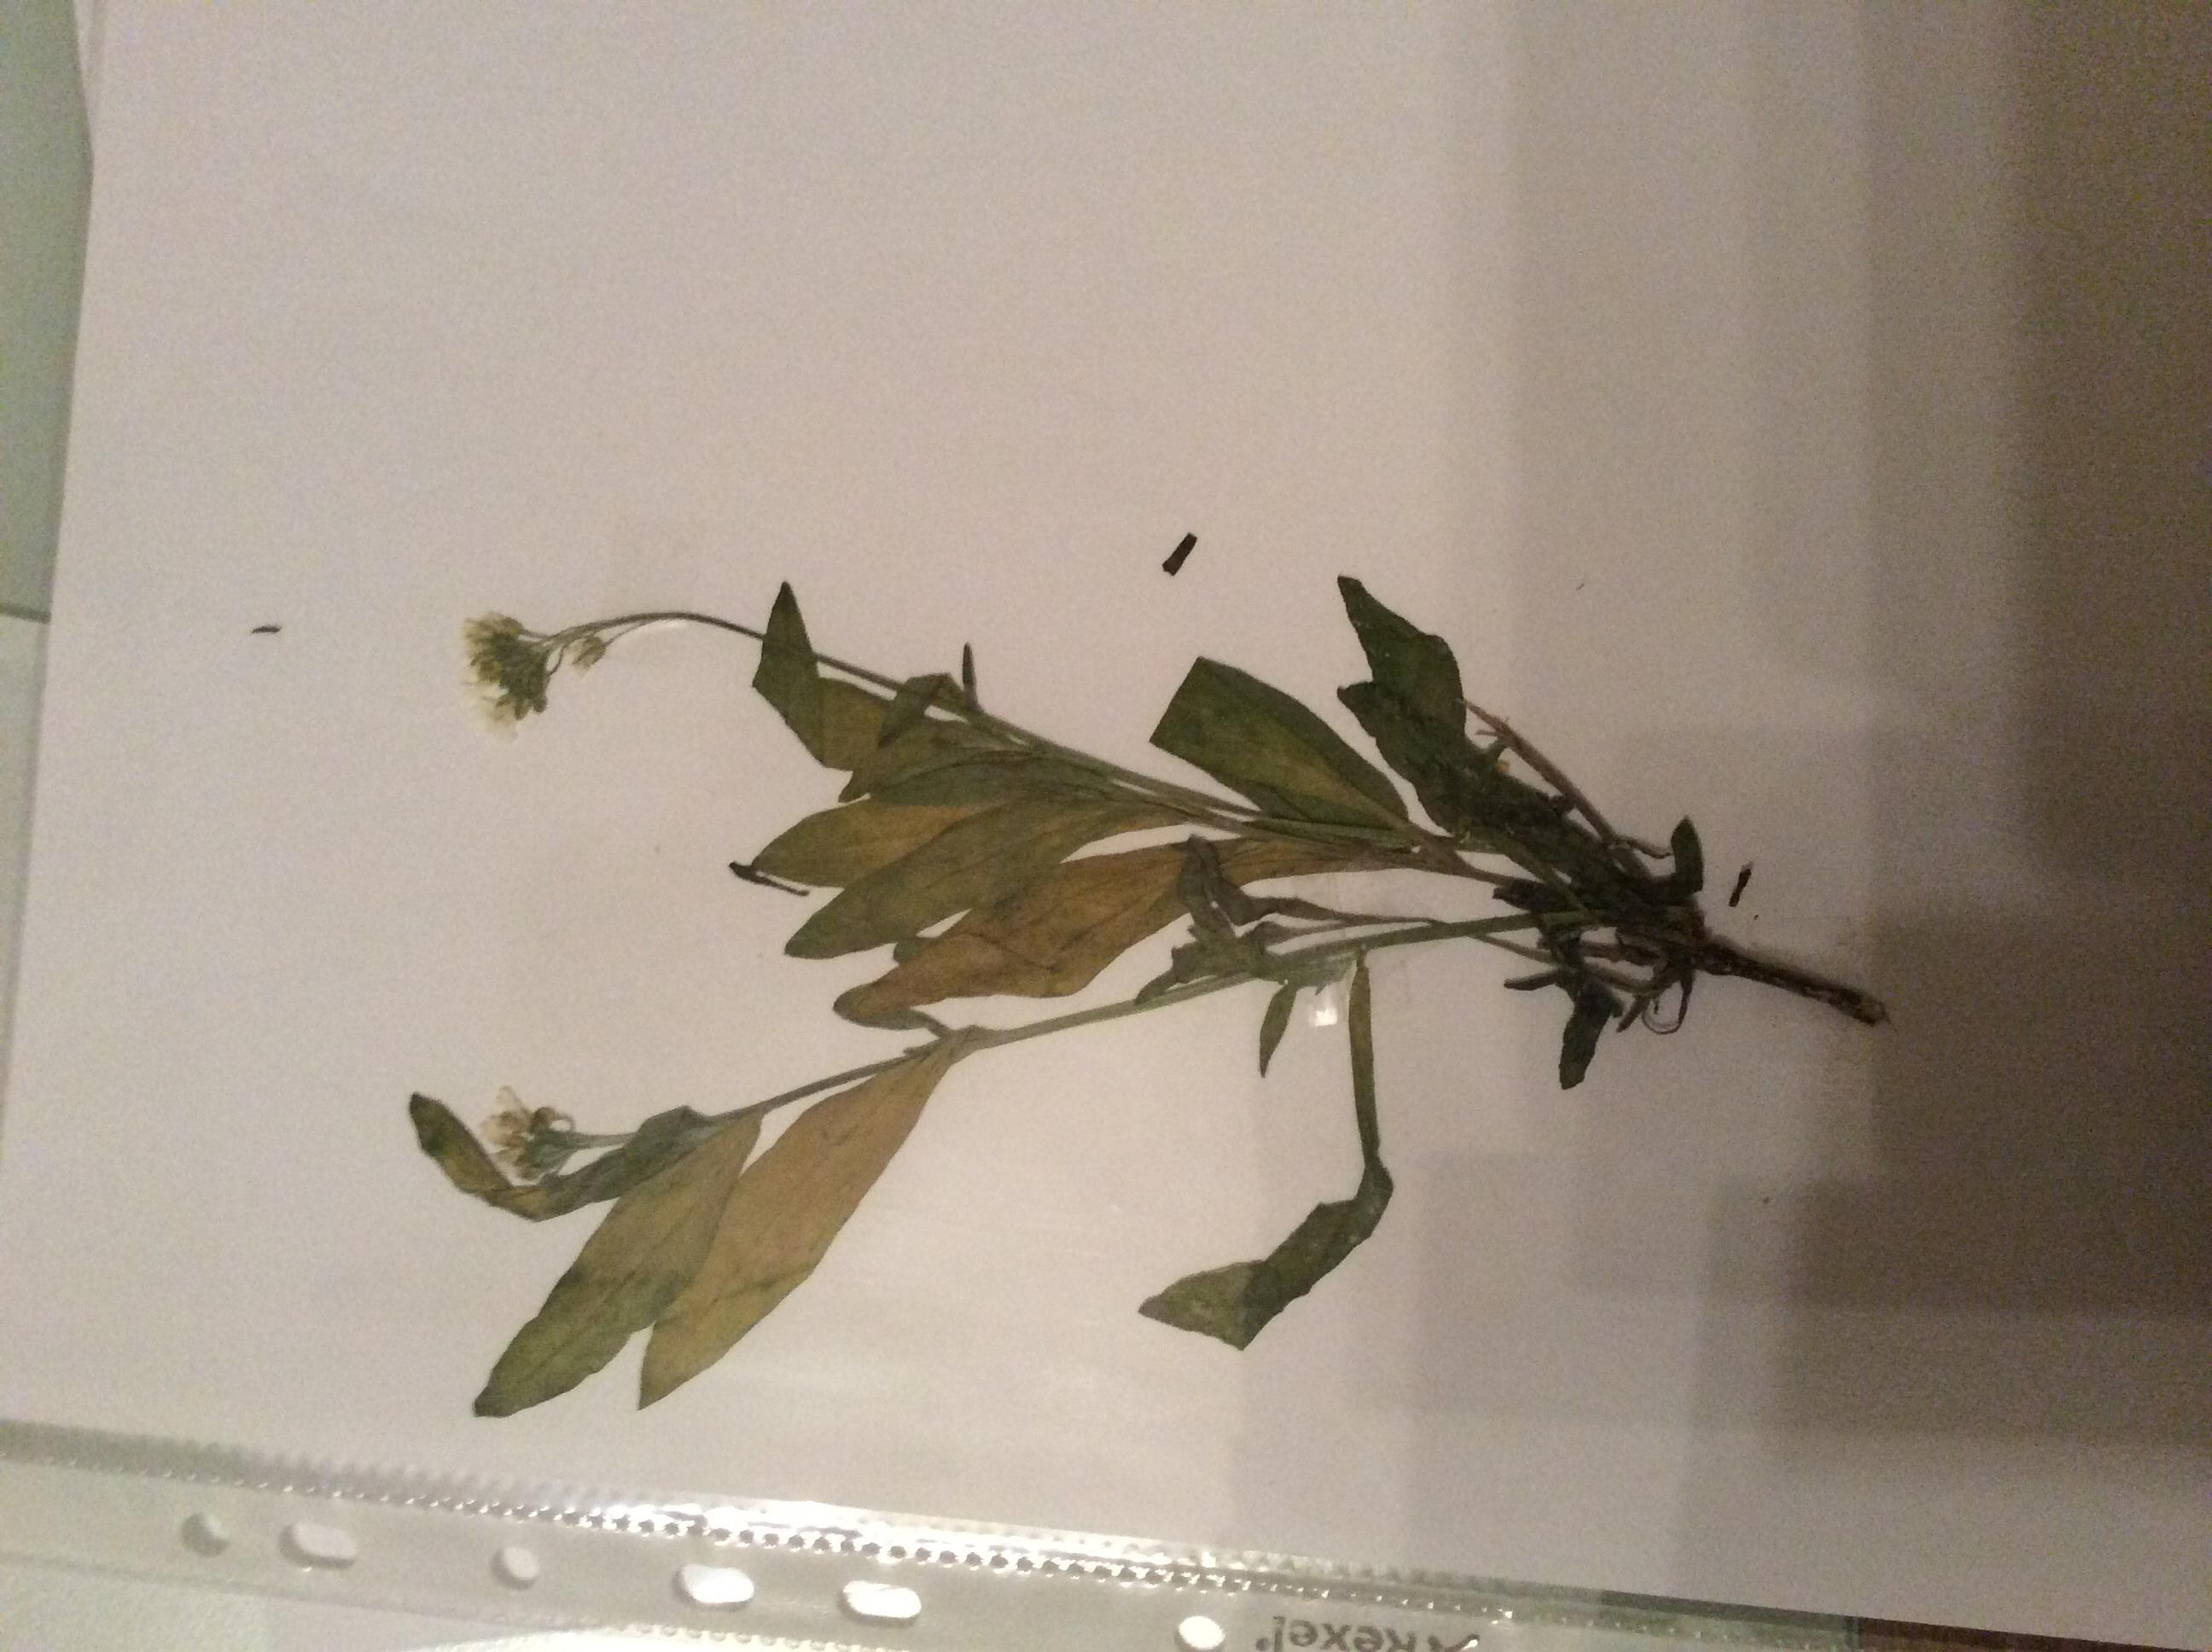 pflanzen f r ein herbarium bestimmen biologie. Black Bedroom Furniture Sets. Home Design Ideas